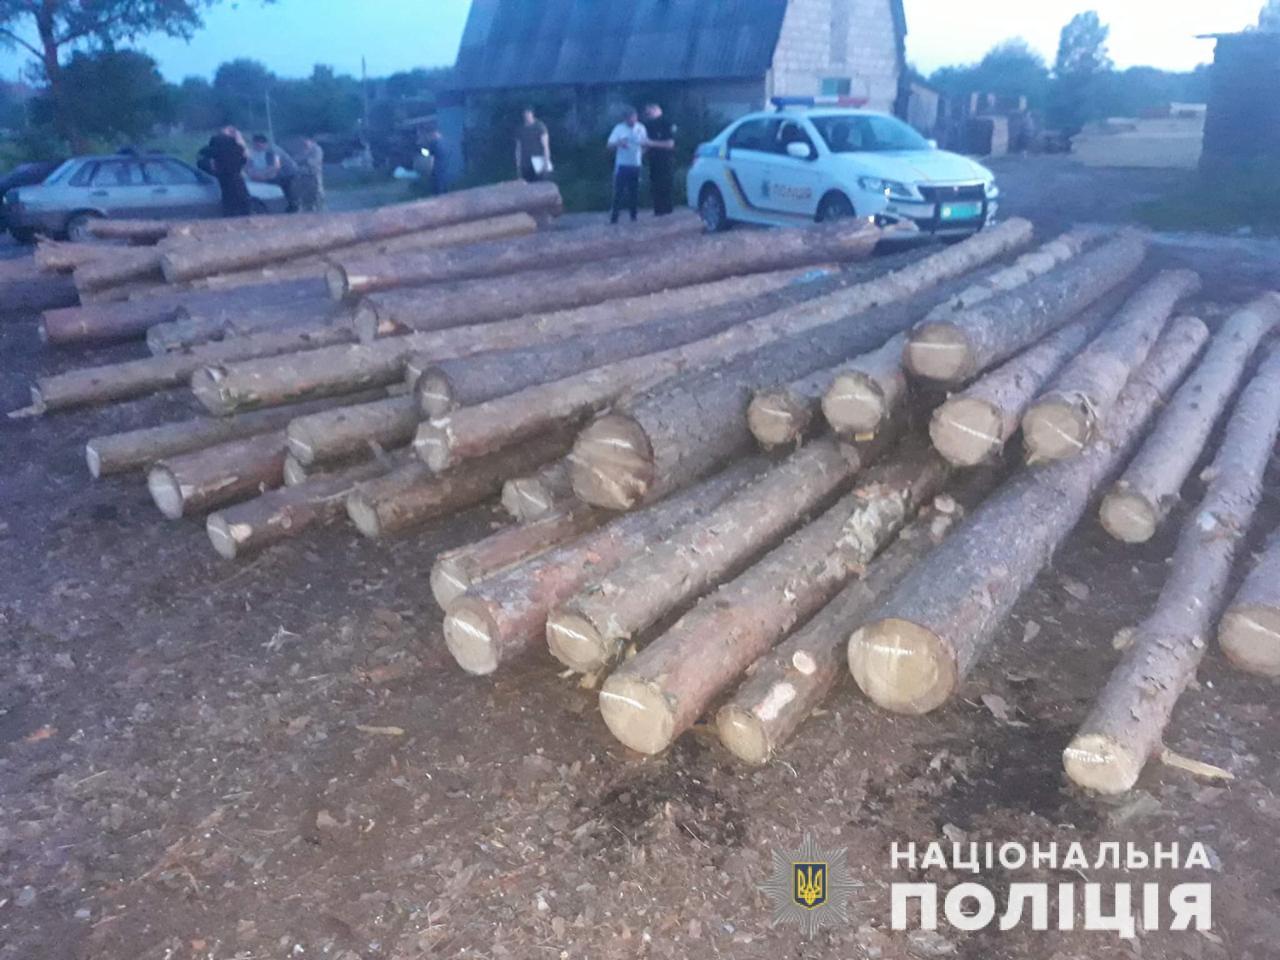 Злоумышленники вырубили лес на Харьковщине на сумму 120 тыс. гривен (фото)